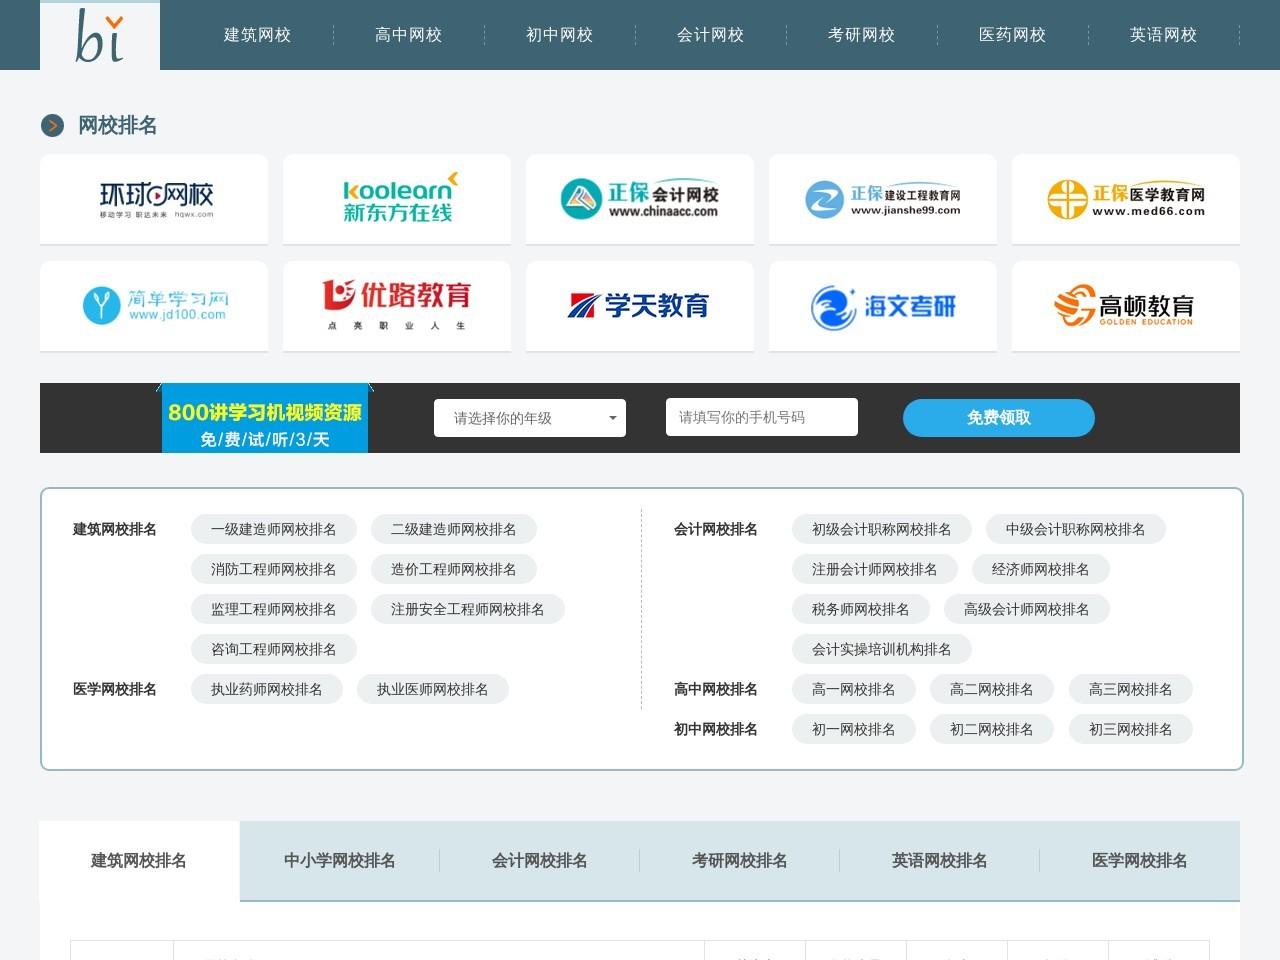 网校排名-中国十大网校排名-网校哪个好